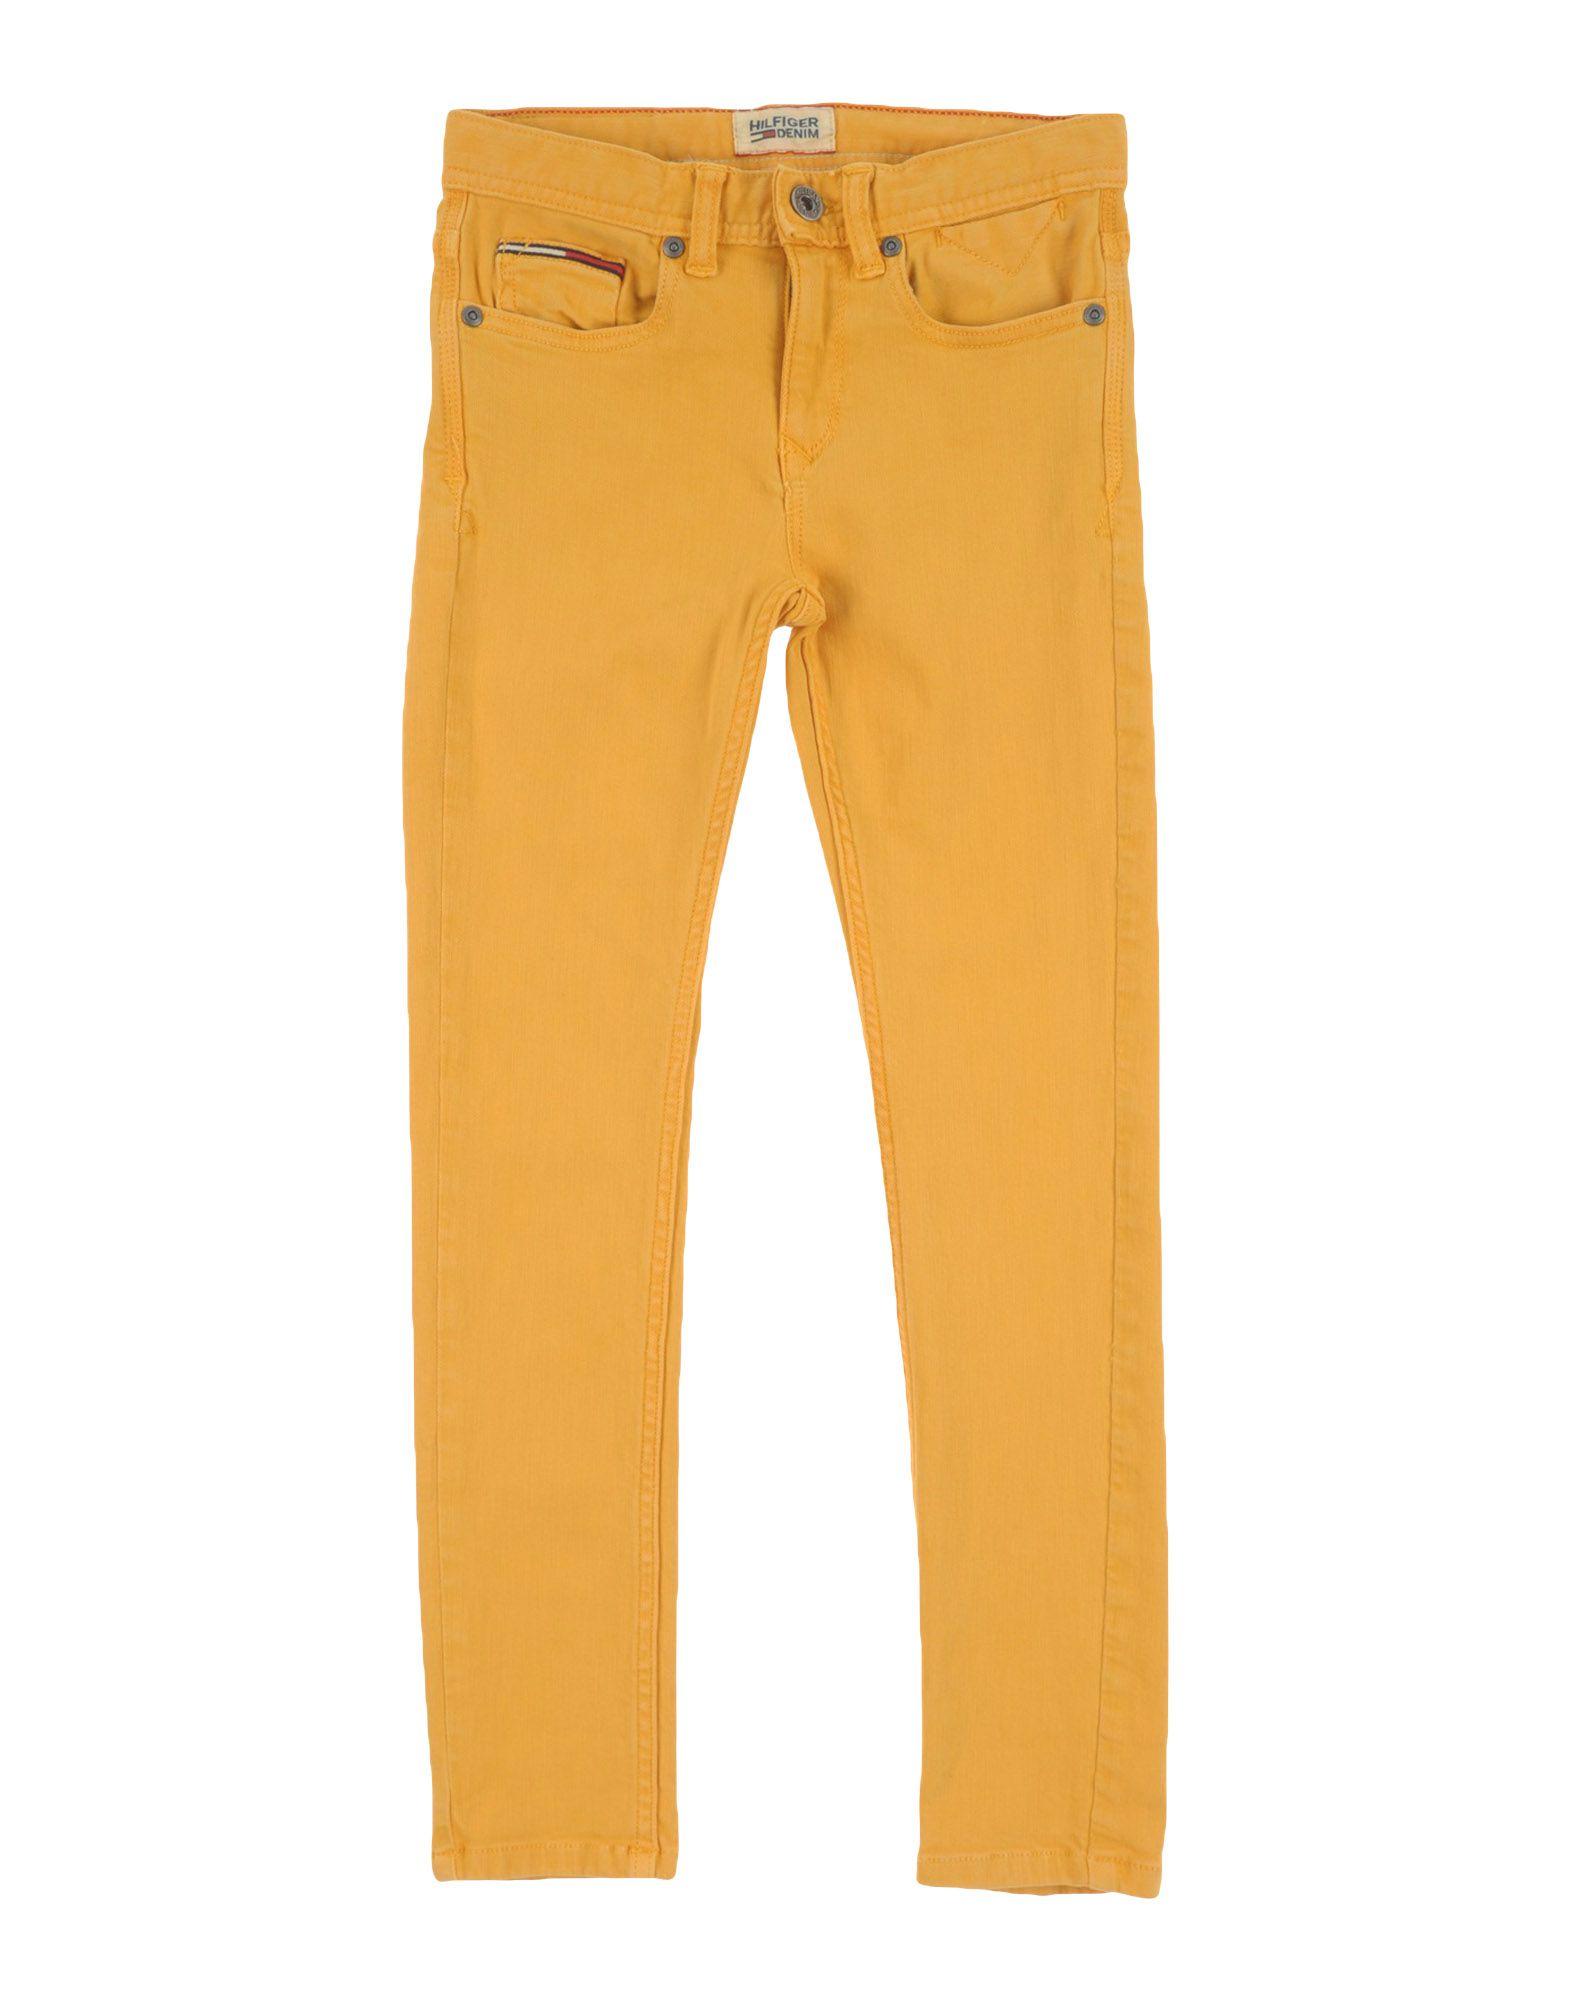 TOMMY HILFIGER DENIM Jeans